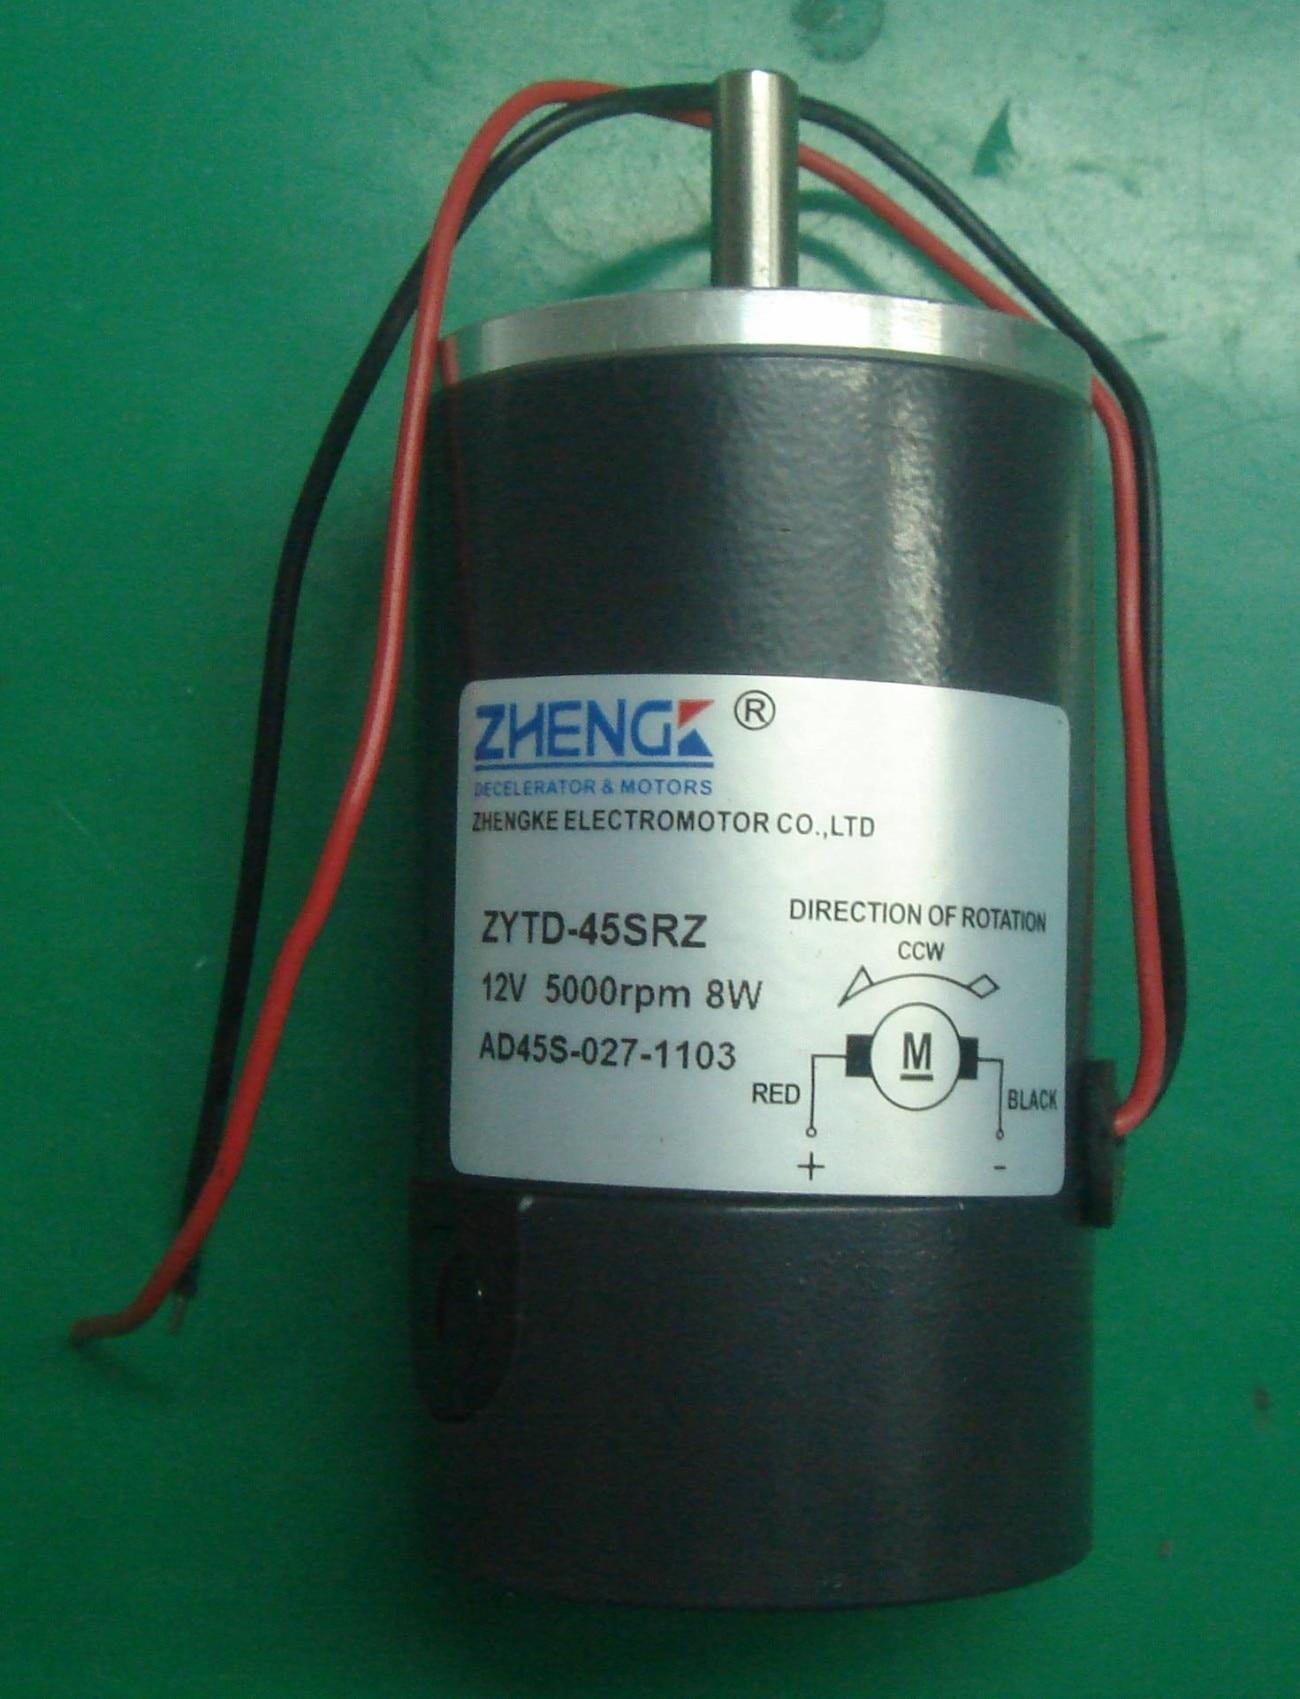 DC 12V-24V factory direct permanent magnet DC motor ZYTD-45SRZ-R can change carbon brush<br>